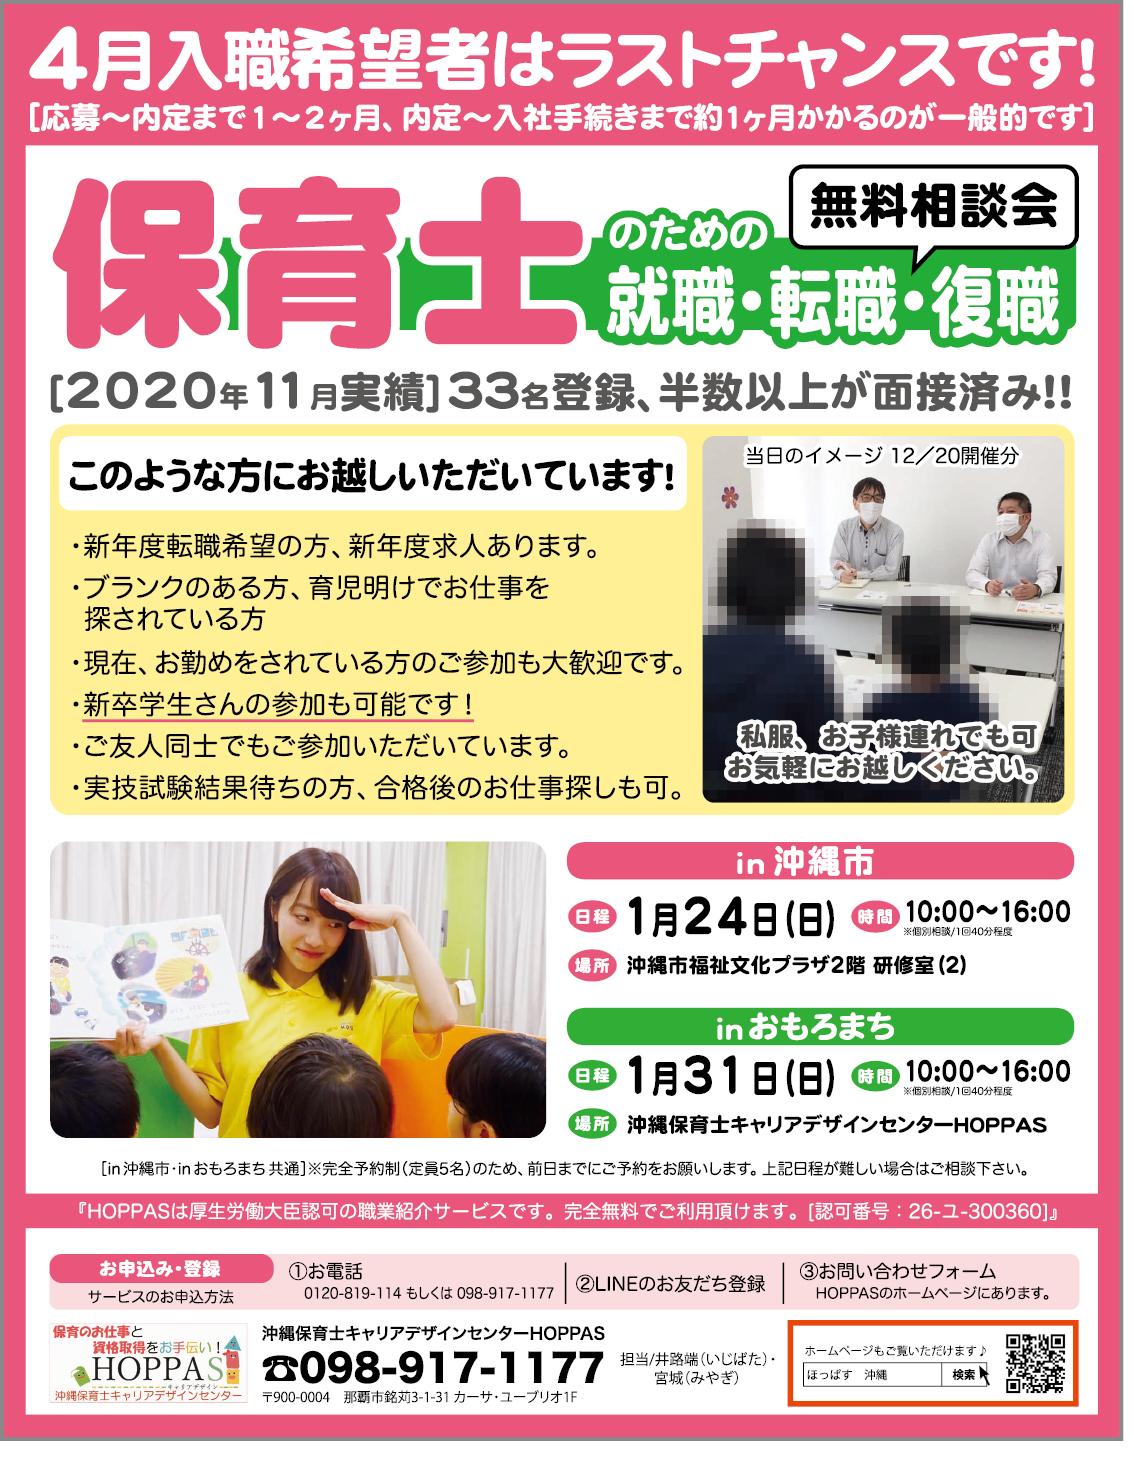 保育士のための就職・転職・復職相談会in沖縄市&おもろまち 広告画像